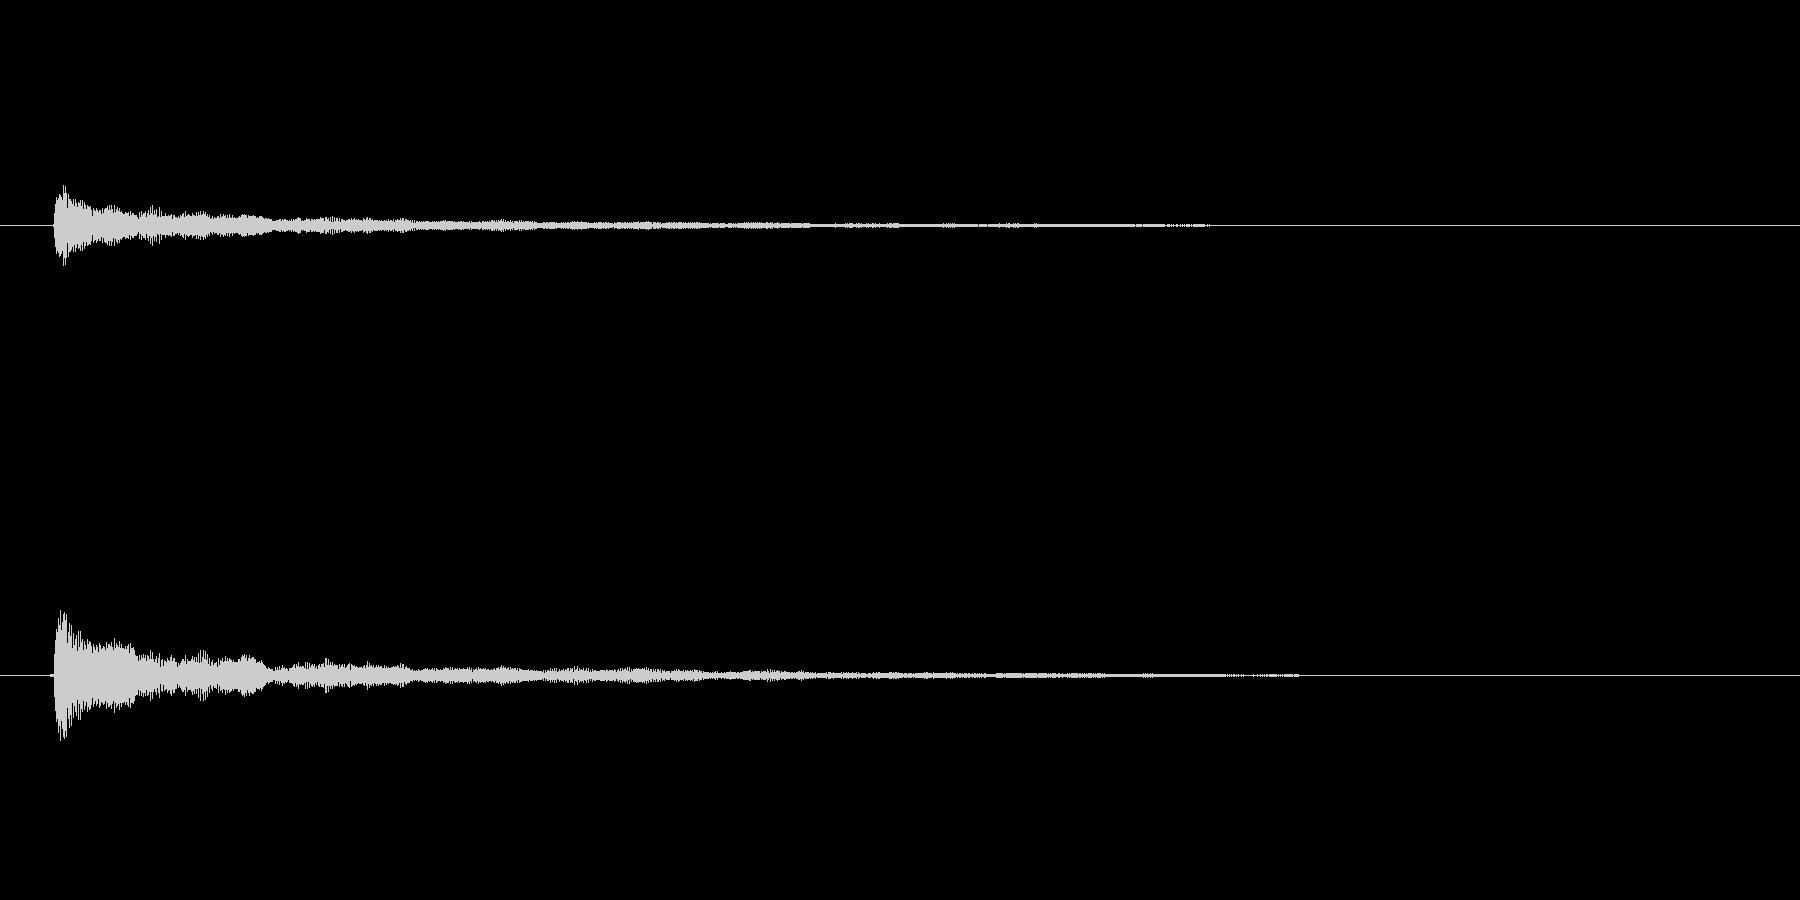 シンセコードによるサウンドロゴの未再生の波形